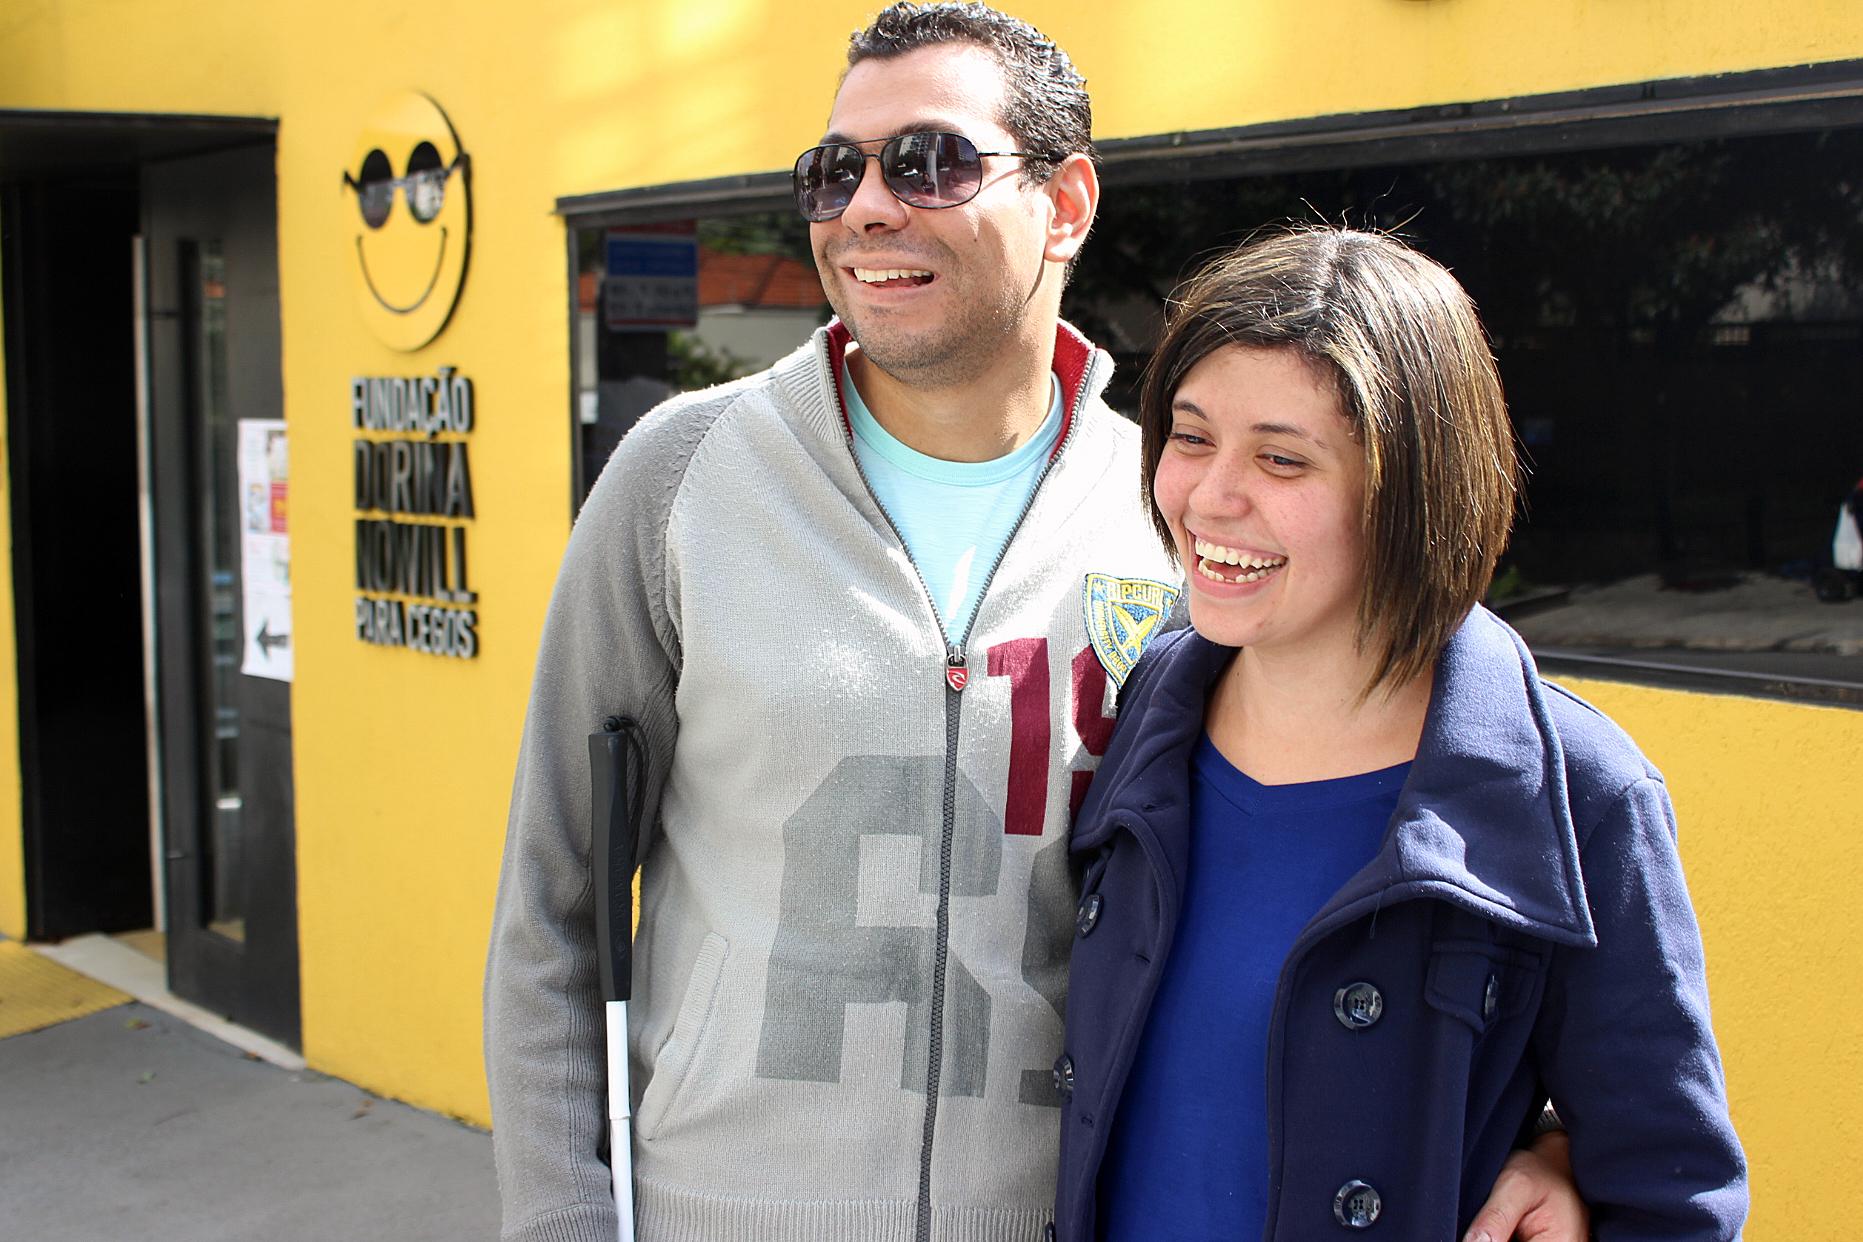 Descrição da imagem: foto de Felipe e Juliana na calçada da Fundação Dorina. Eles são retratados da cintura pra cima, em meio perfil, abraçados e sorrindo. Ao fundo vemos a porta de entrada da Fundação Dorina com o logotipo da instituição numa parede amarela. Fim da Descrição.